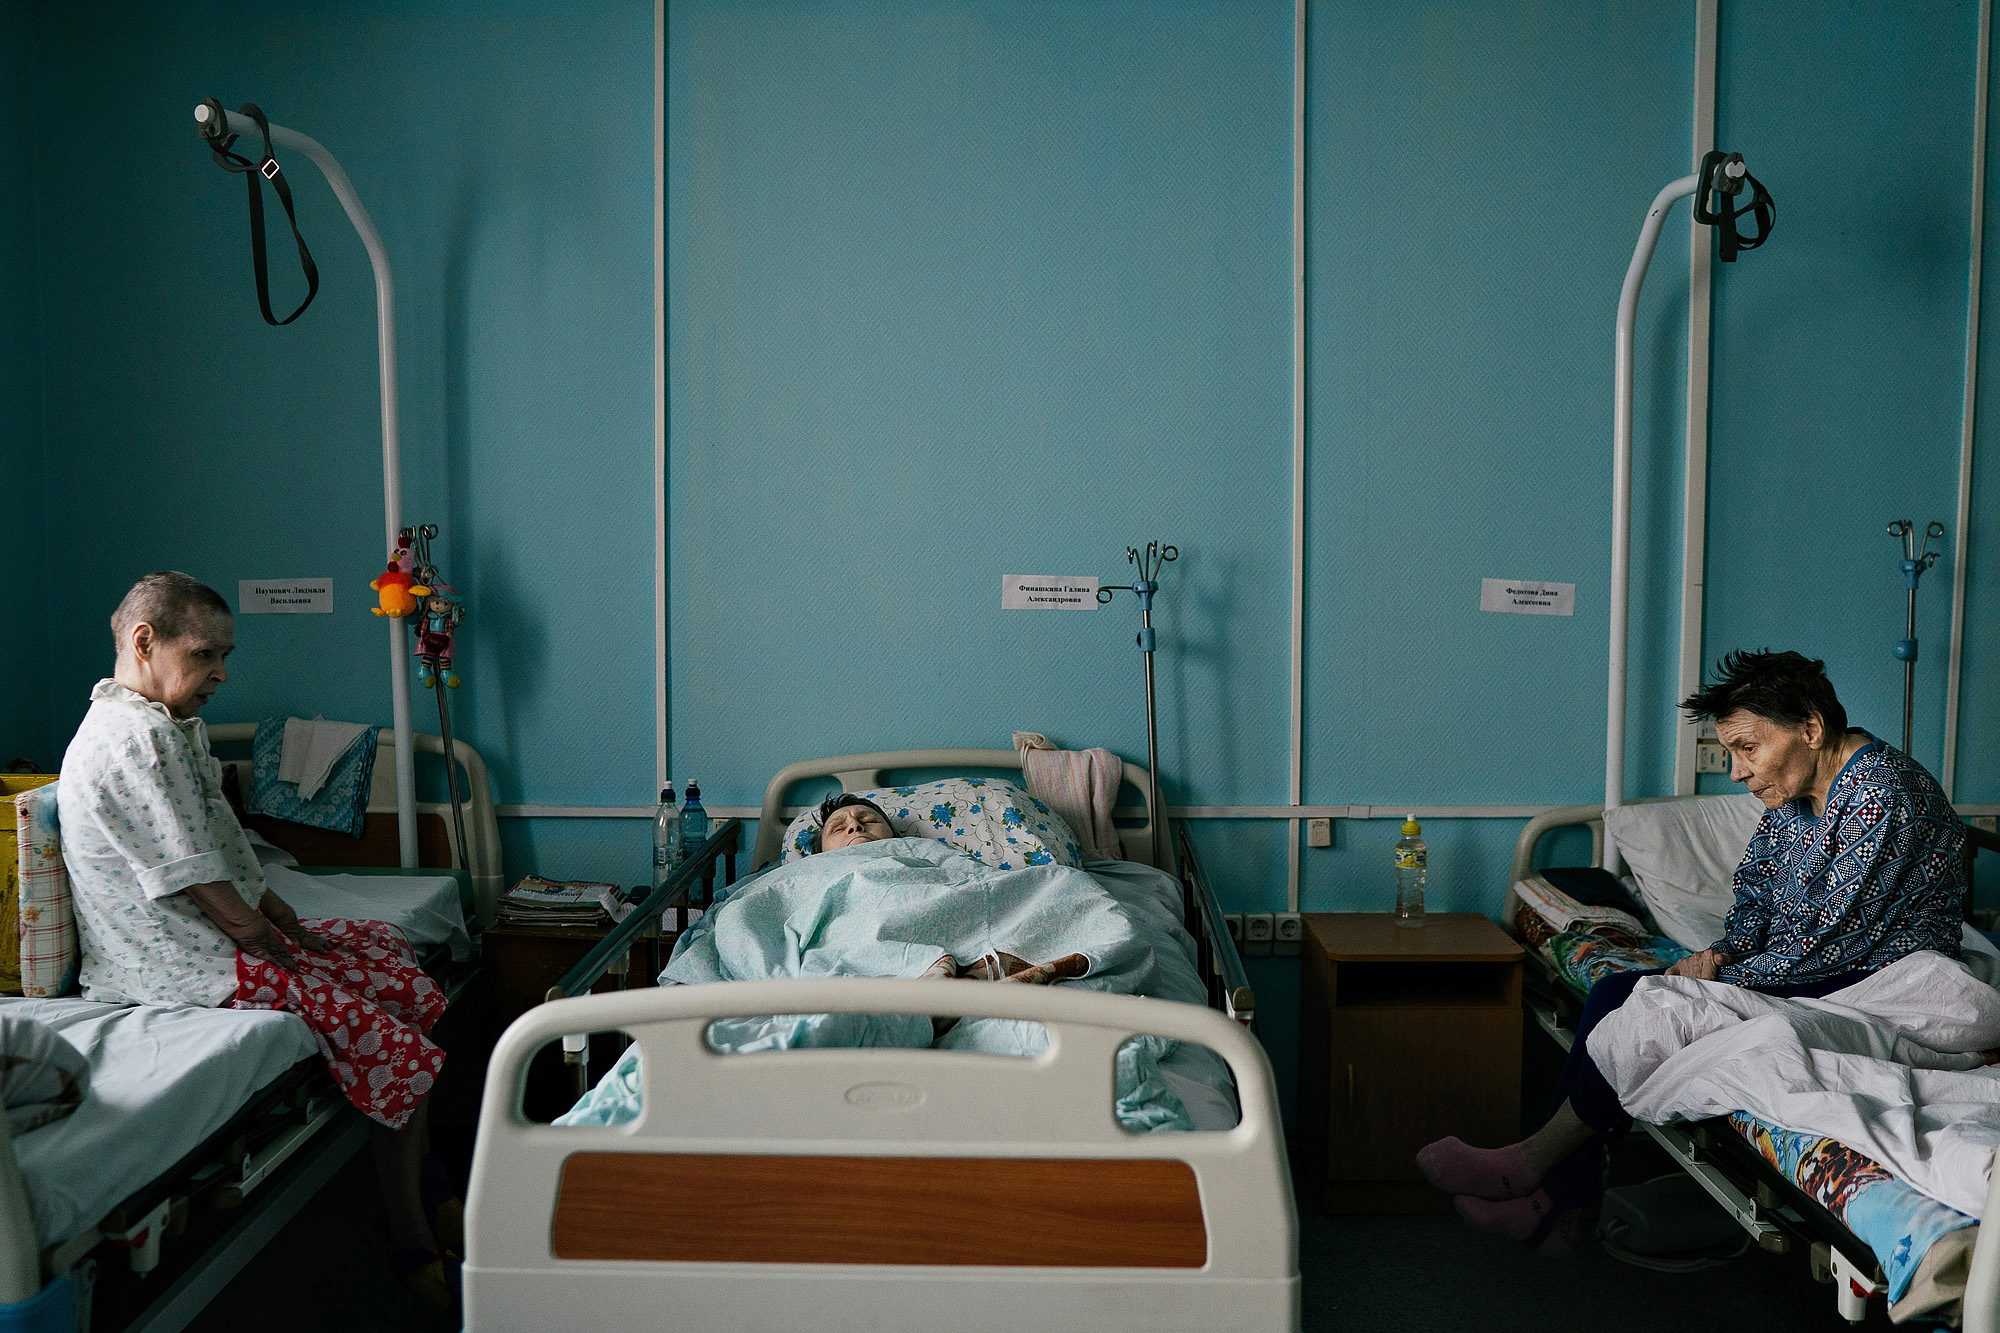 творчески переработанные пациенты хосписа фото спортзал